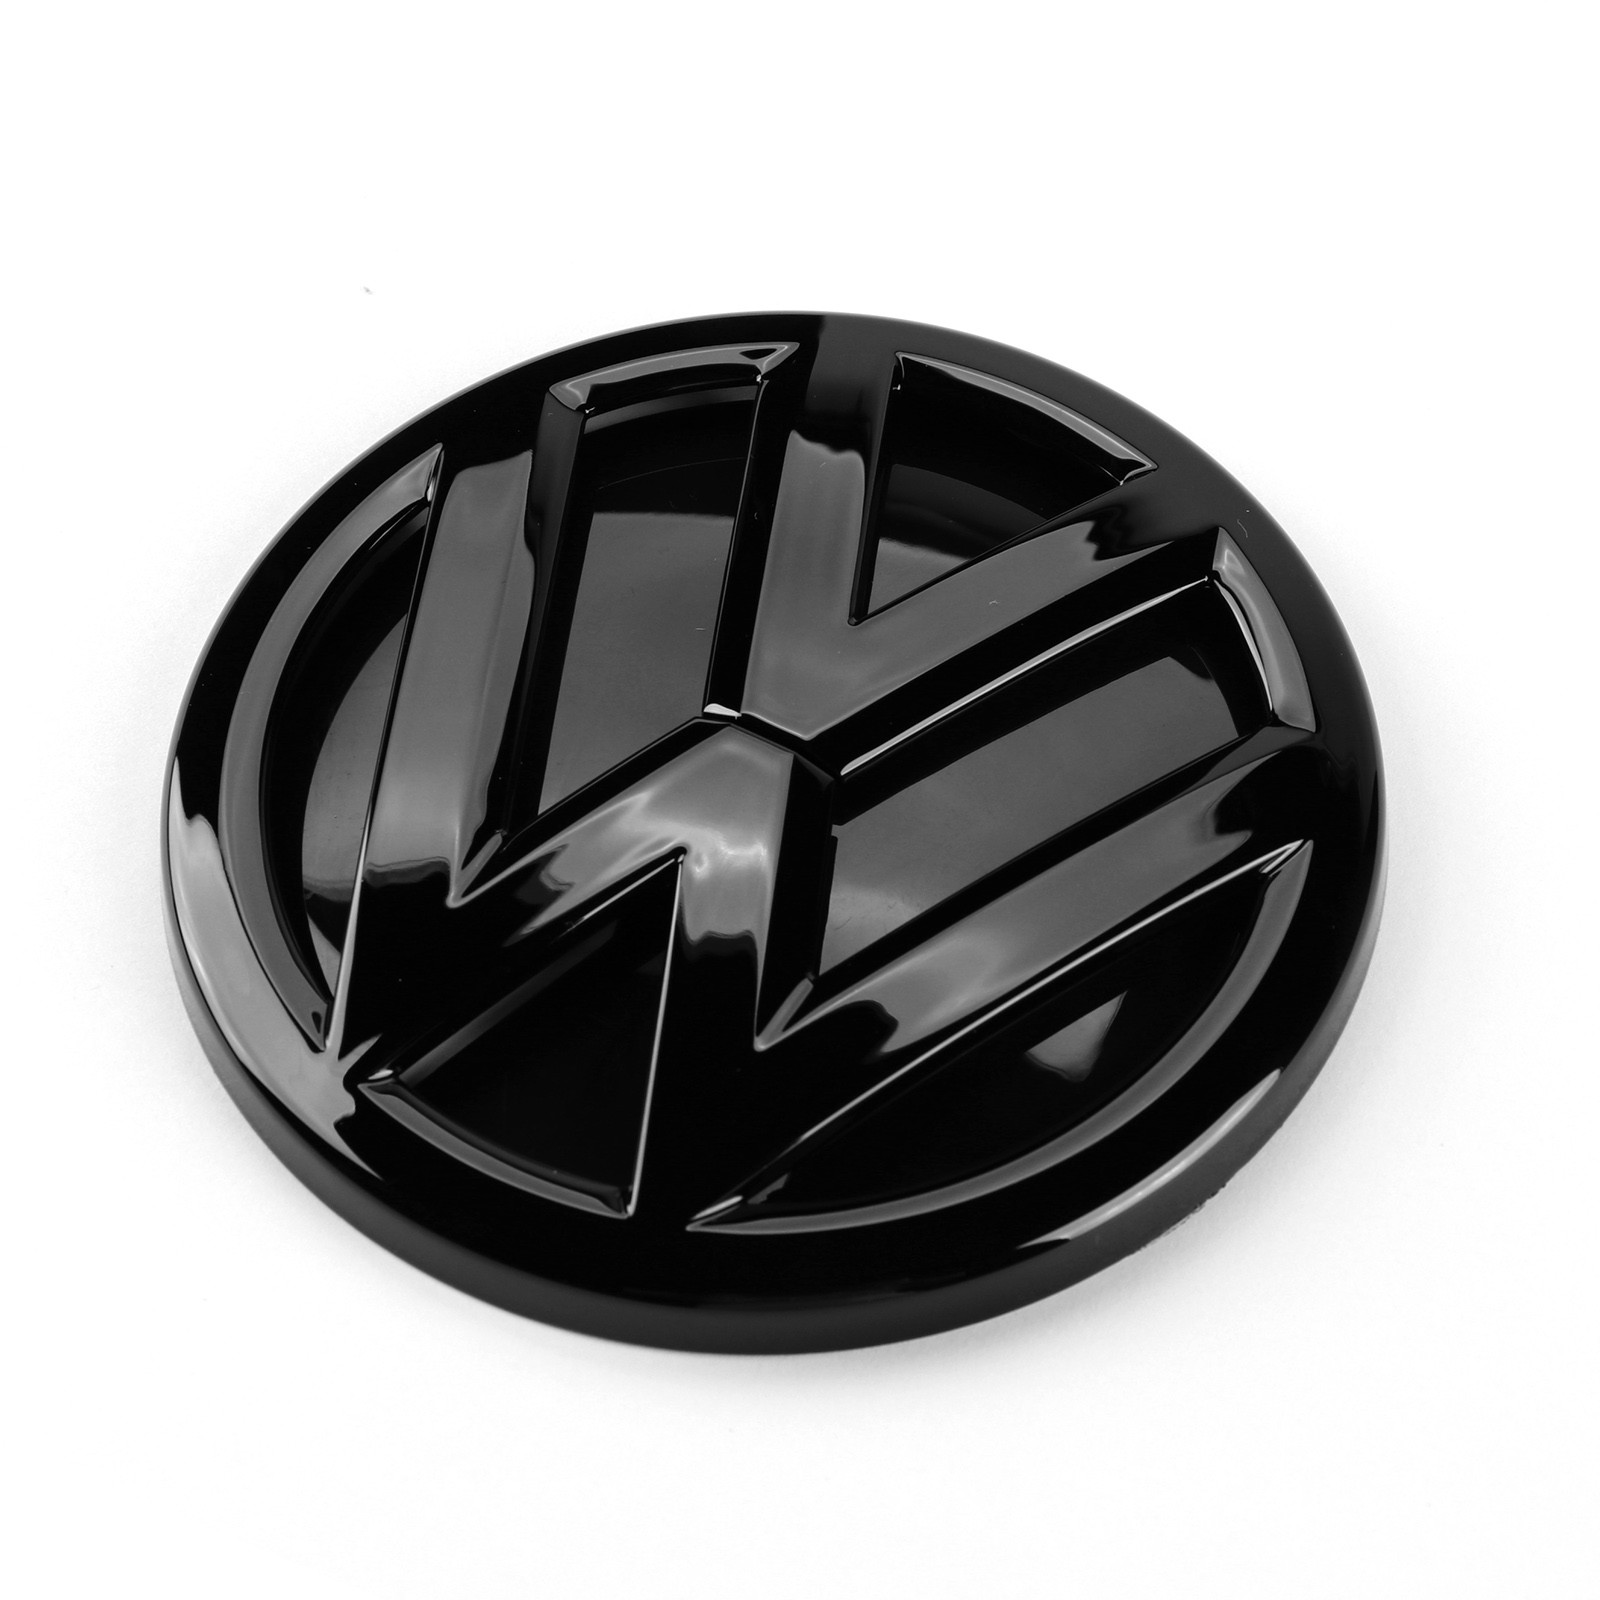 Блестящая Черная задняя крышка багажника 110 мм для VW Volkswagen Polo 2014 2015 2016